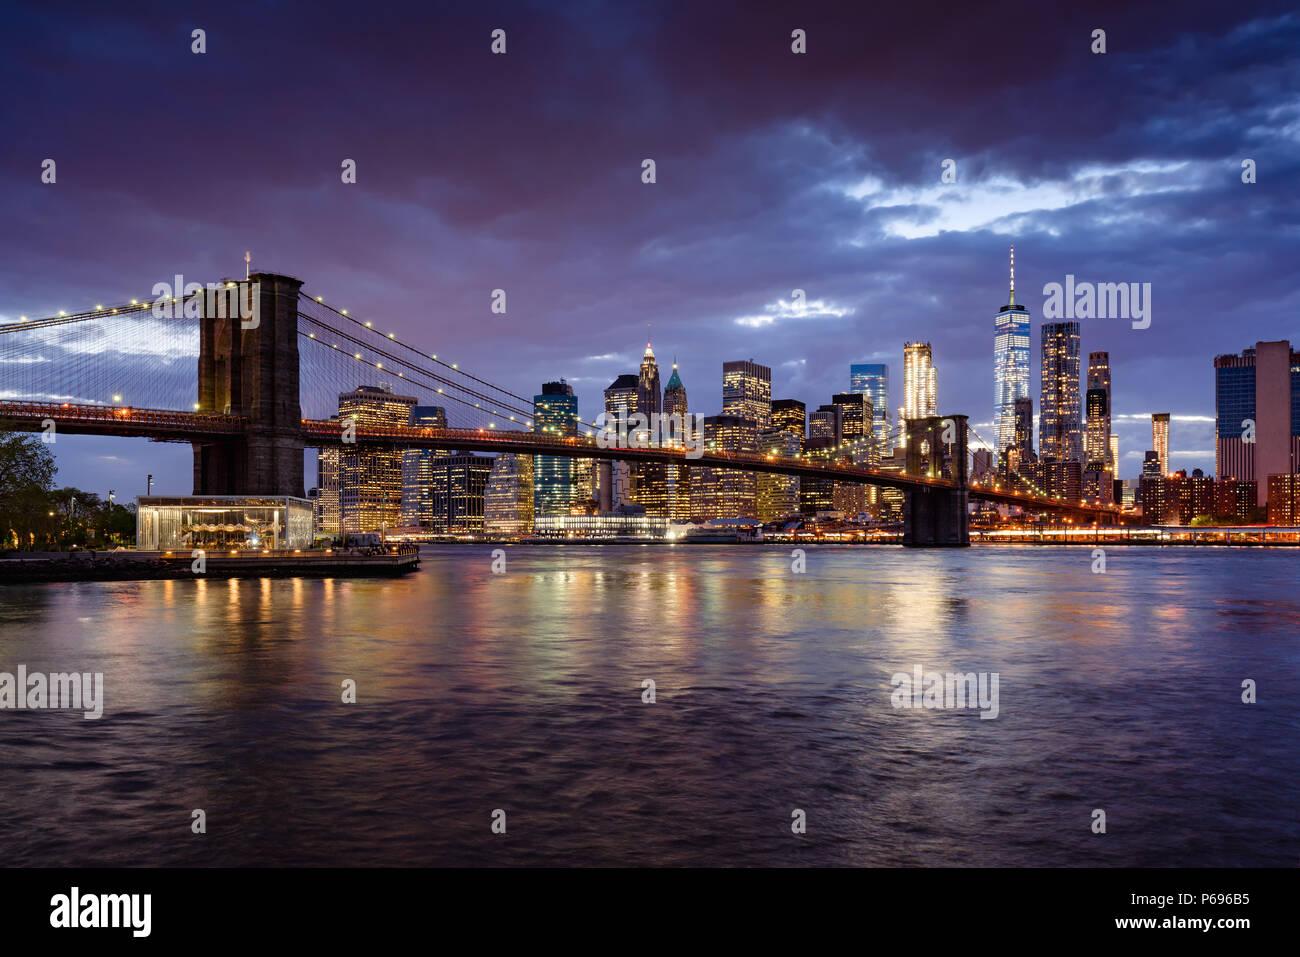 Puente de Brooklyn y Manhattan iluminada rascacielos al anochecer con el East River. Manhattan, Ciudad de Nueva York, EE.UU. Imagen De Stock